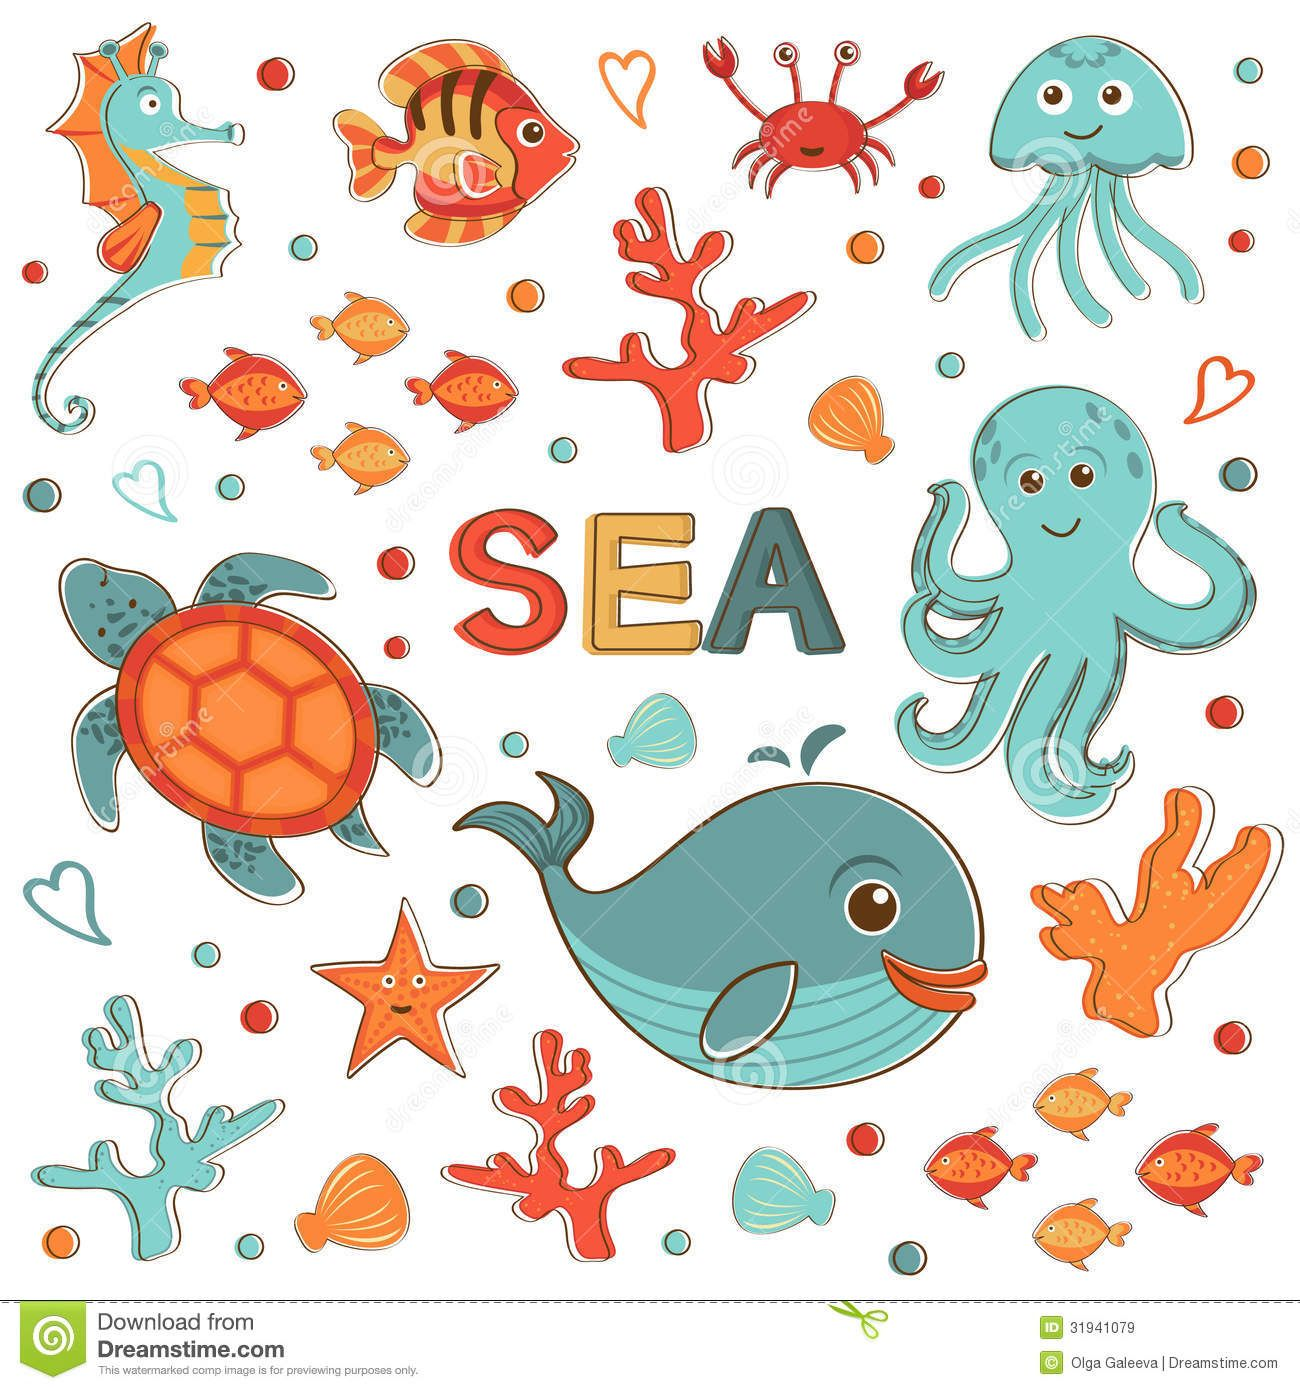 Cute Cartoon Sea Animals Cute Sea Animals Vector Cute Sea Creatures Collection Royalty Free Cartoon Sea Animals Sea Creatures Creatures